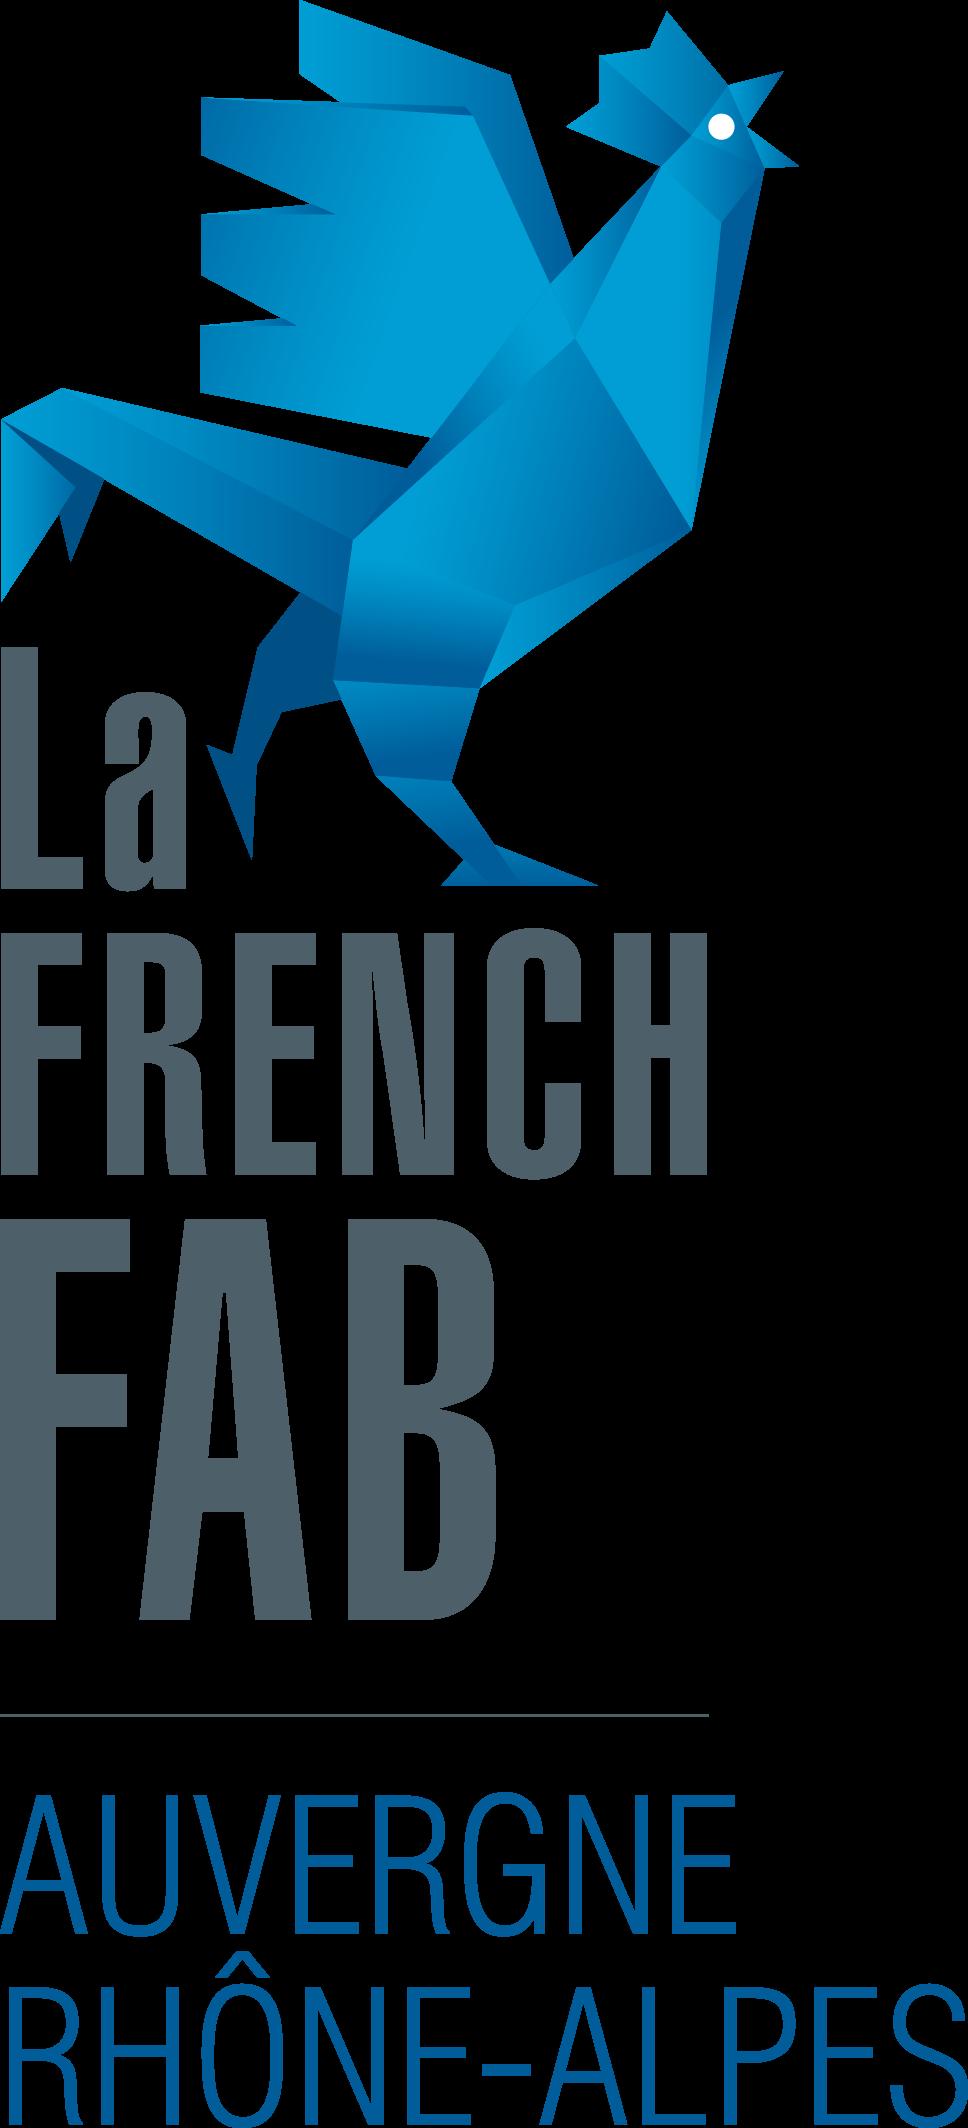 Mecaconcept  memebre de la French Fab Auvergne Rhone Alpes